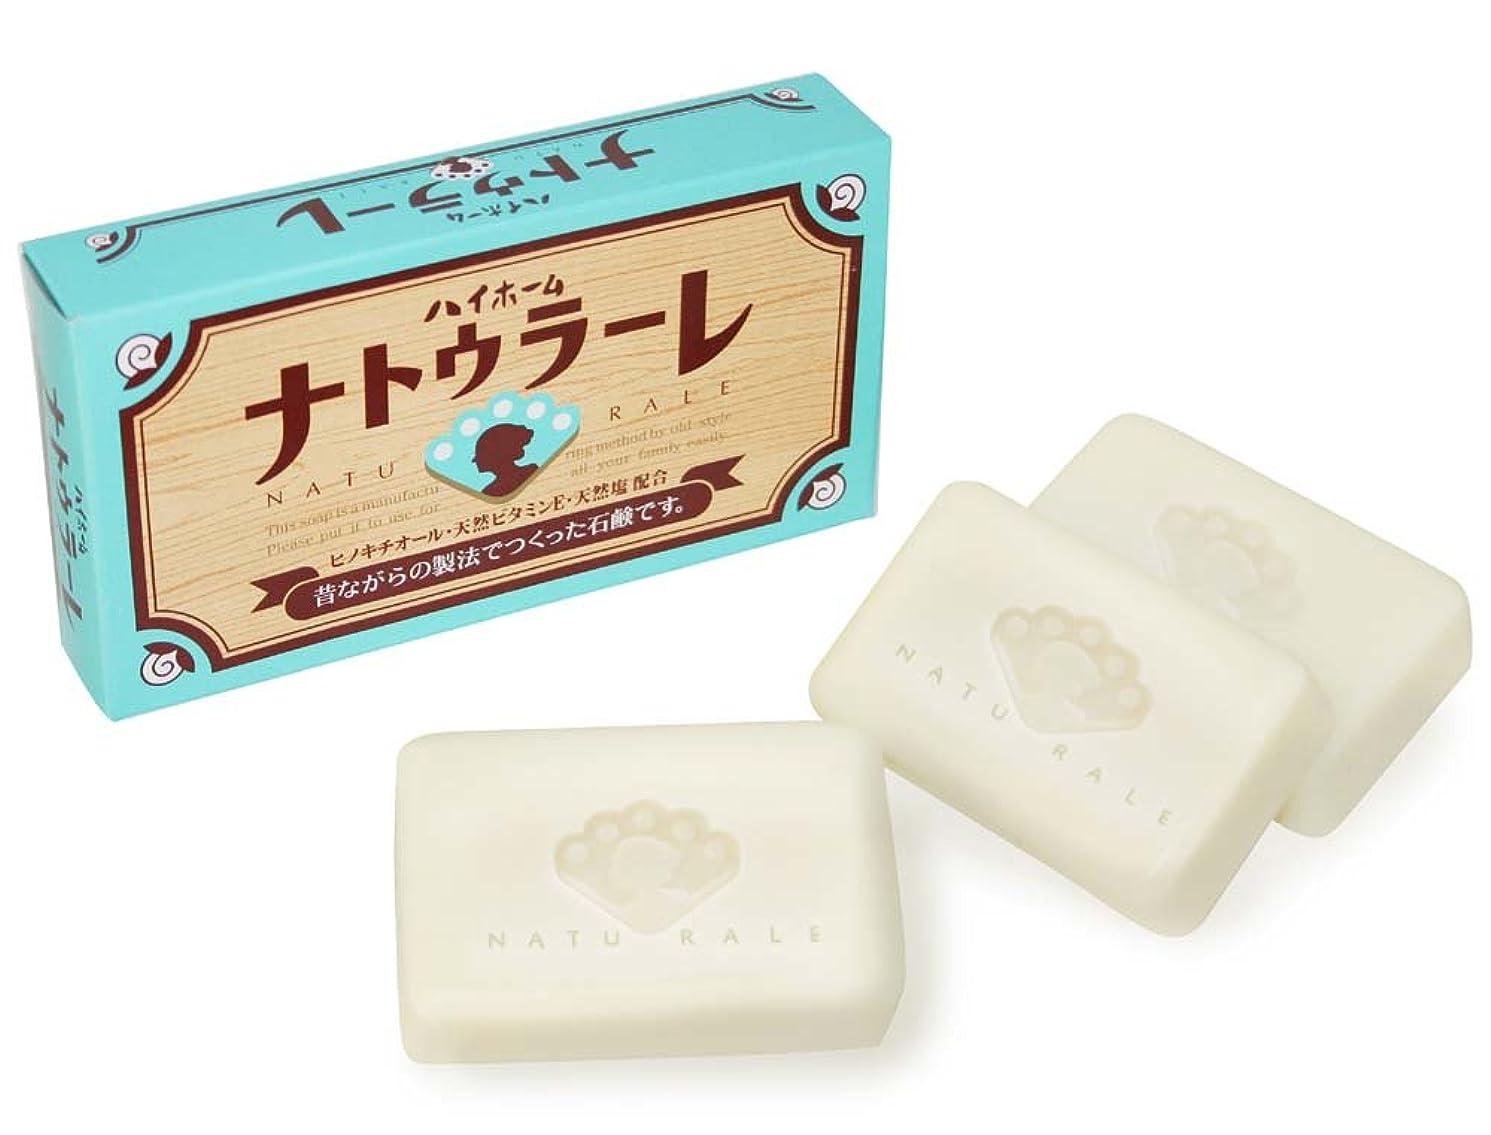 モジュールリスキーな日曜日昔ながらの製法で作られた化粧石鹸 ハイホーム ナトゥラーレ 3個入り (天然ビタミンE配合)